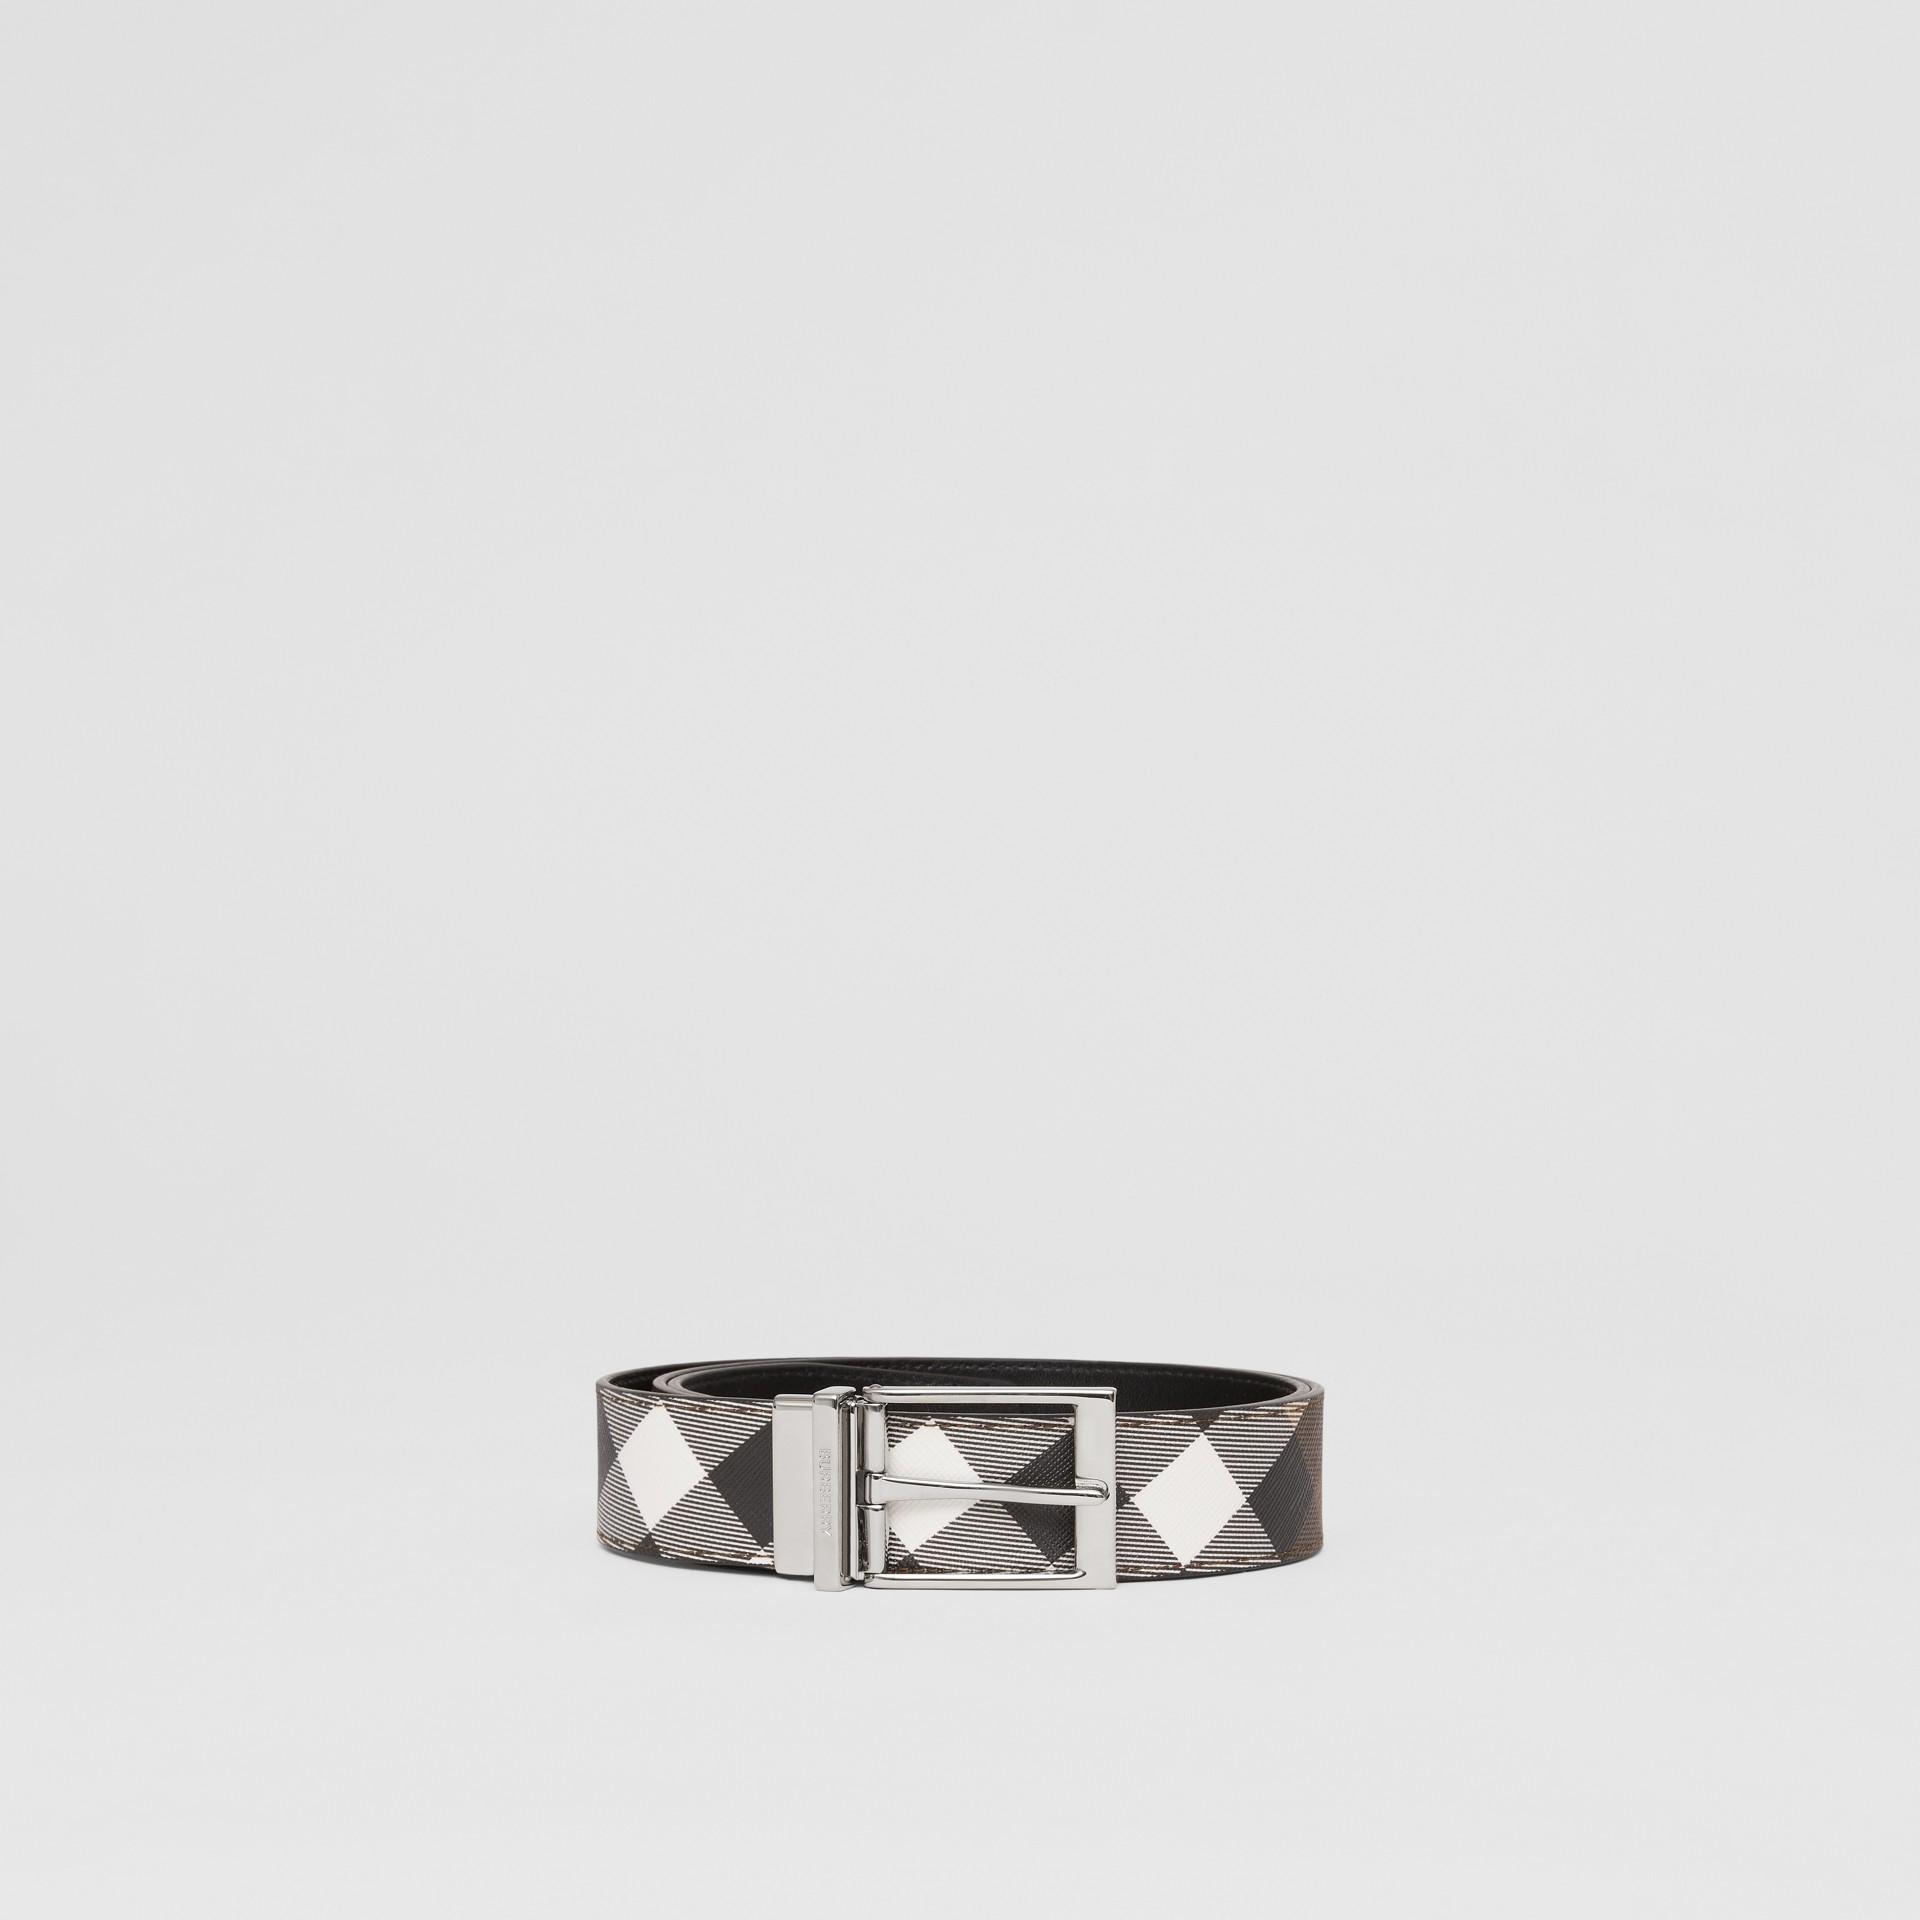 Cintura reversibile in e-canvas con motivo tartan e pelle (Marrone Betulla Scuro/nero) - Uomo | Burberry - immagine della galleria 3